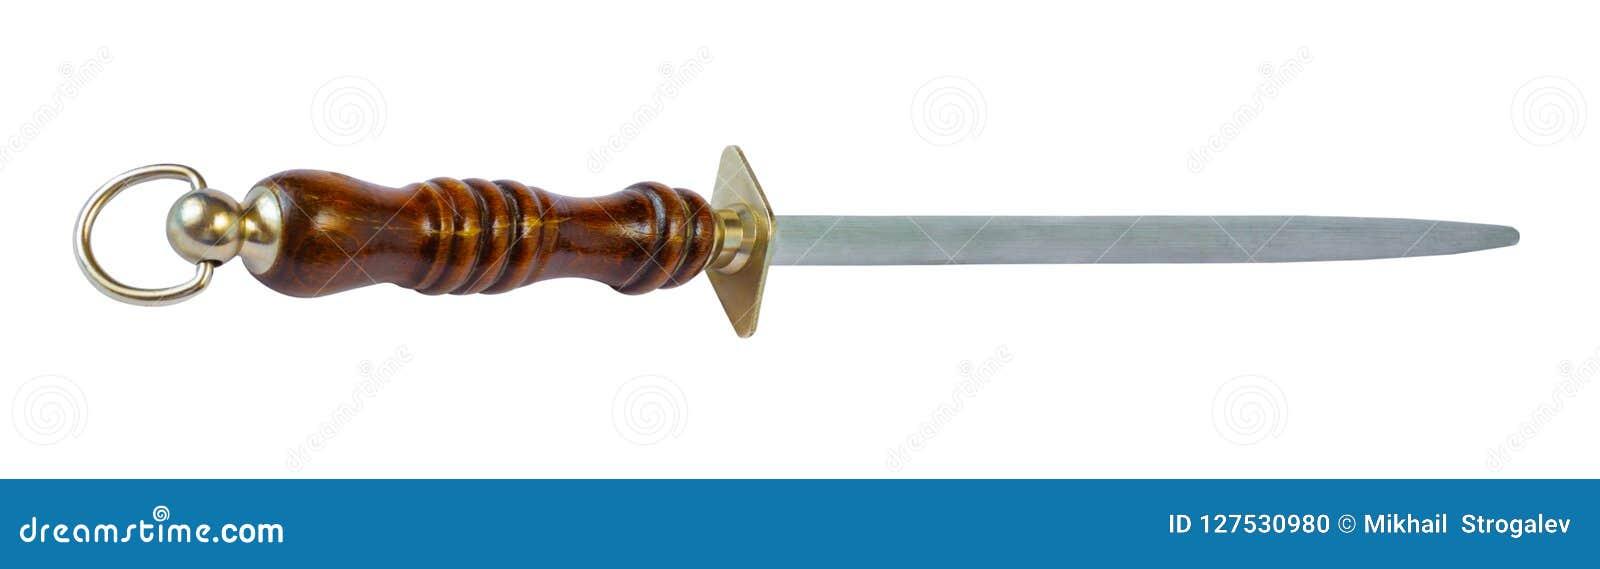 Sacapuntas de cuchillo con una manija de madera marrón, aislada